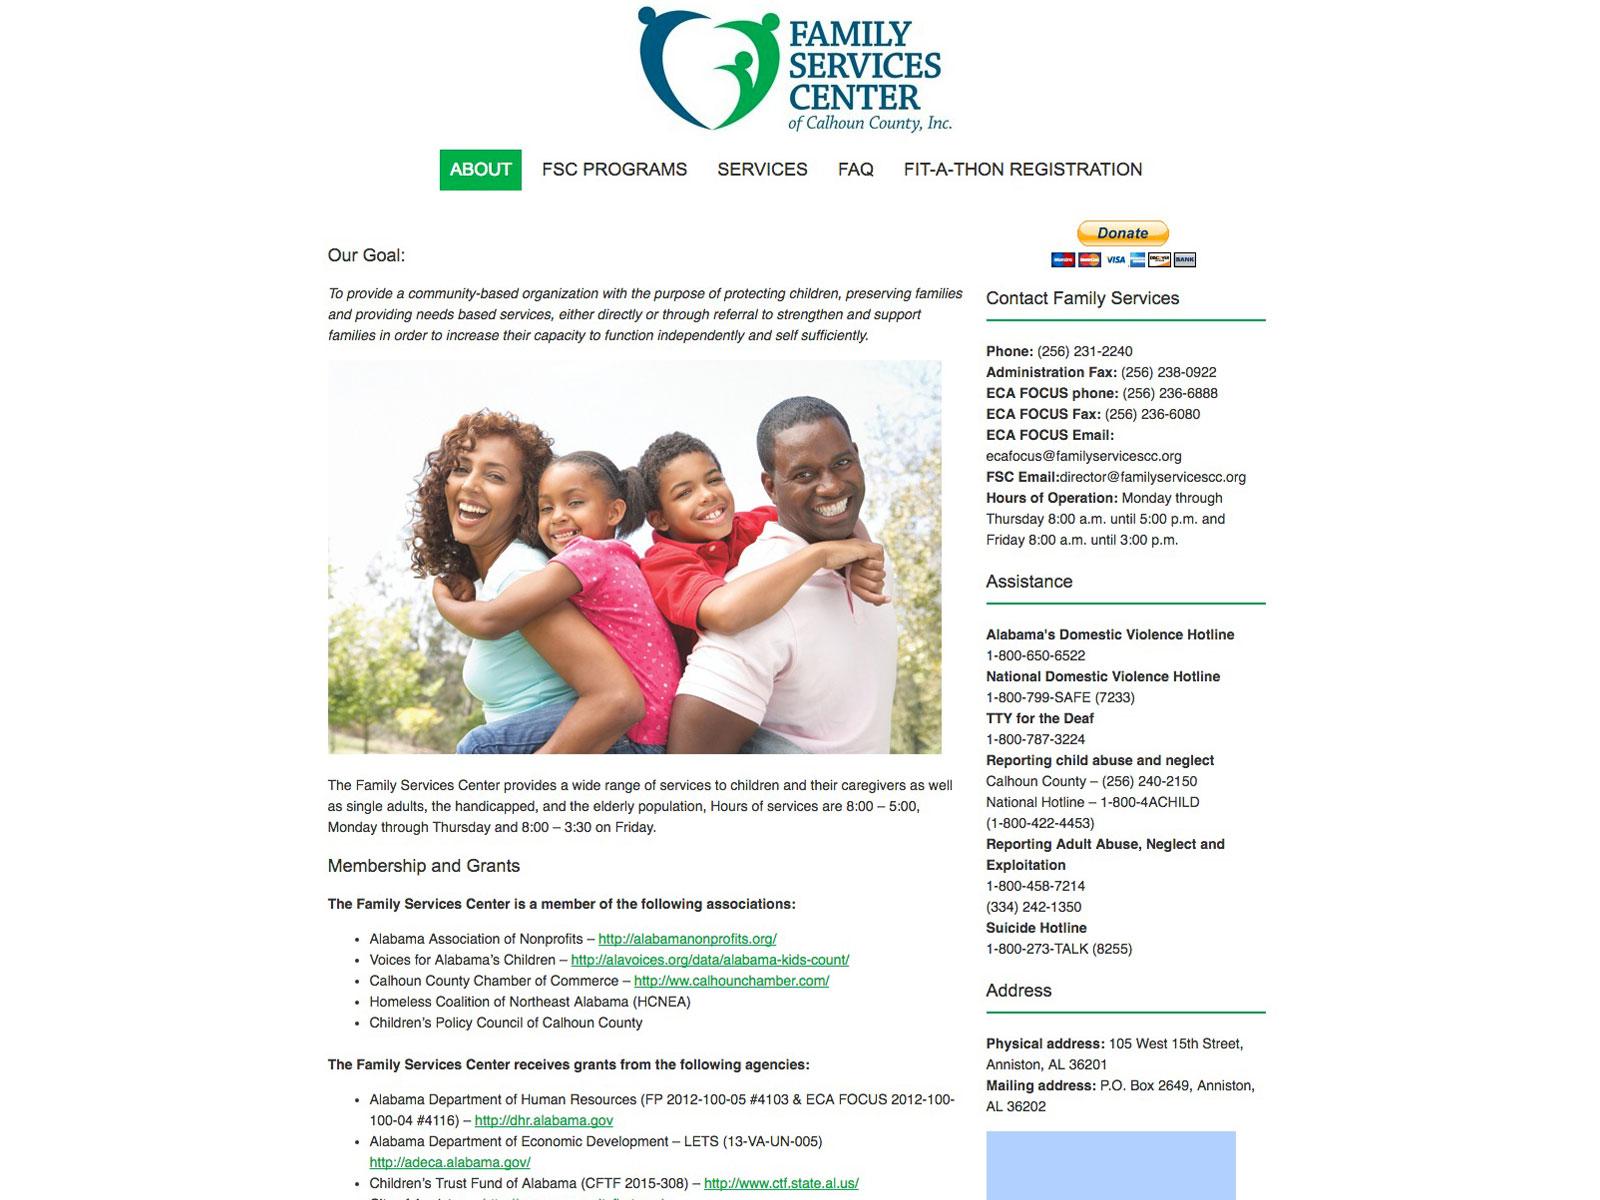 familyservicescc.org